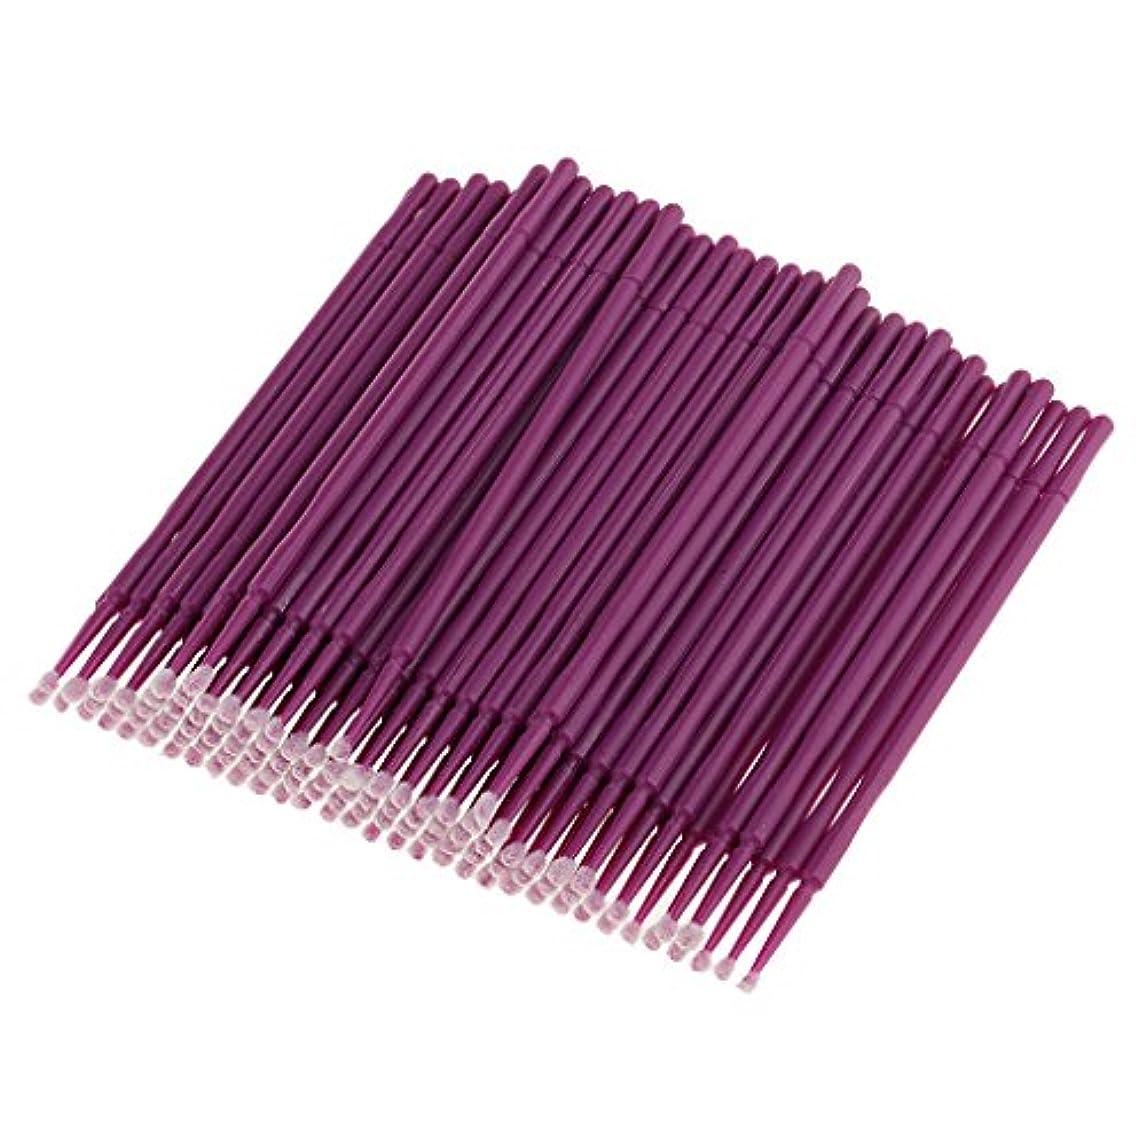 腸投獄小川Perfk 約100本 使い捨て まつげエステ 美容用具 マイクロブラシ アプリケーター ミニヒントタイプ マスカラ パープル